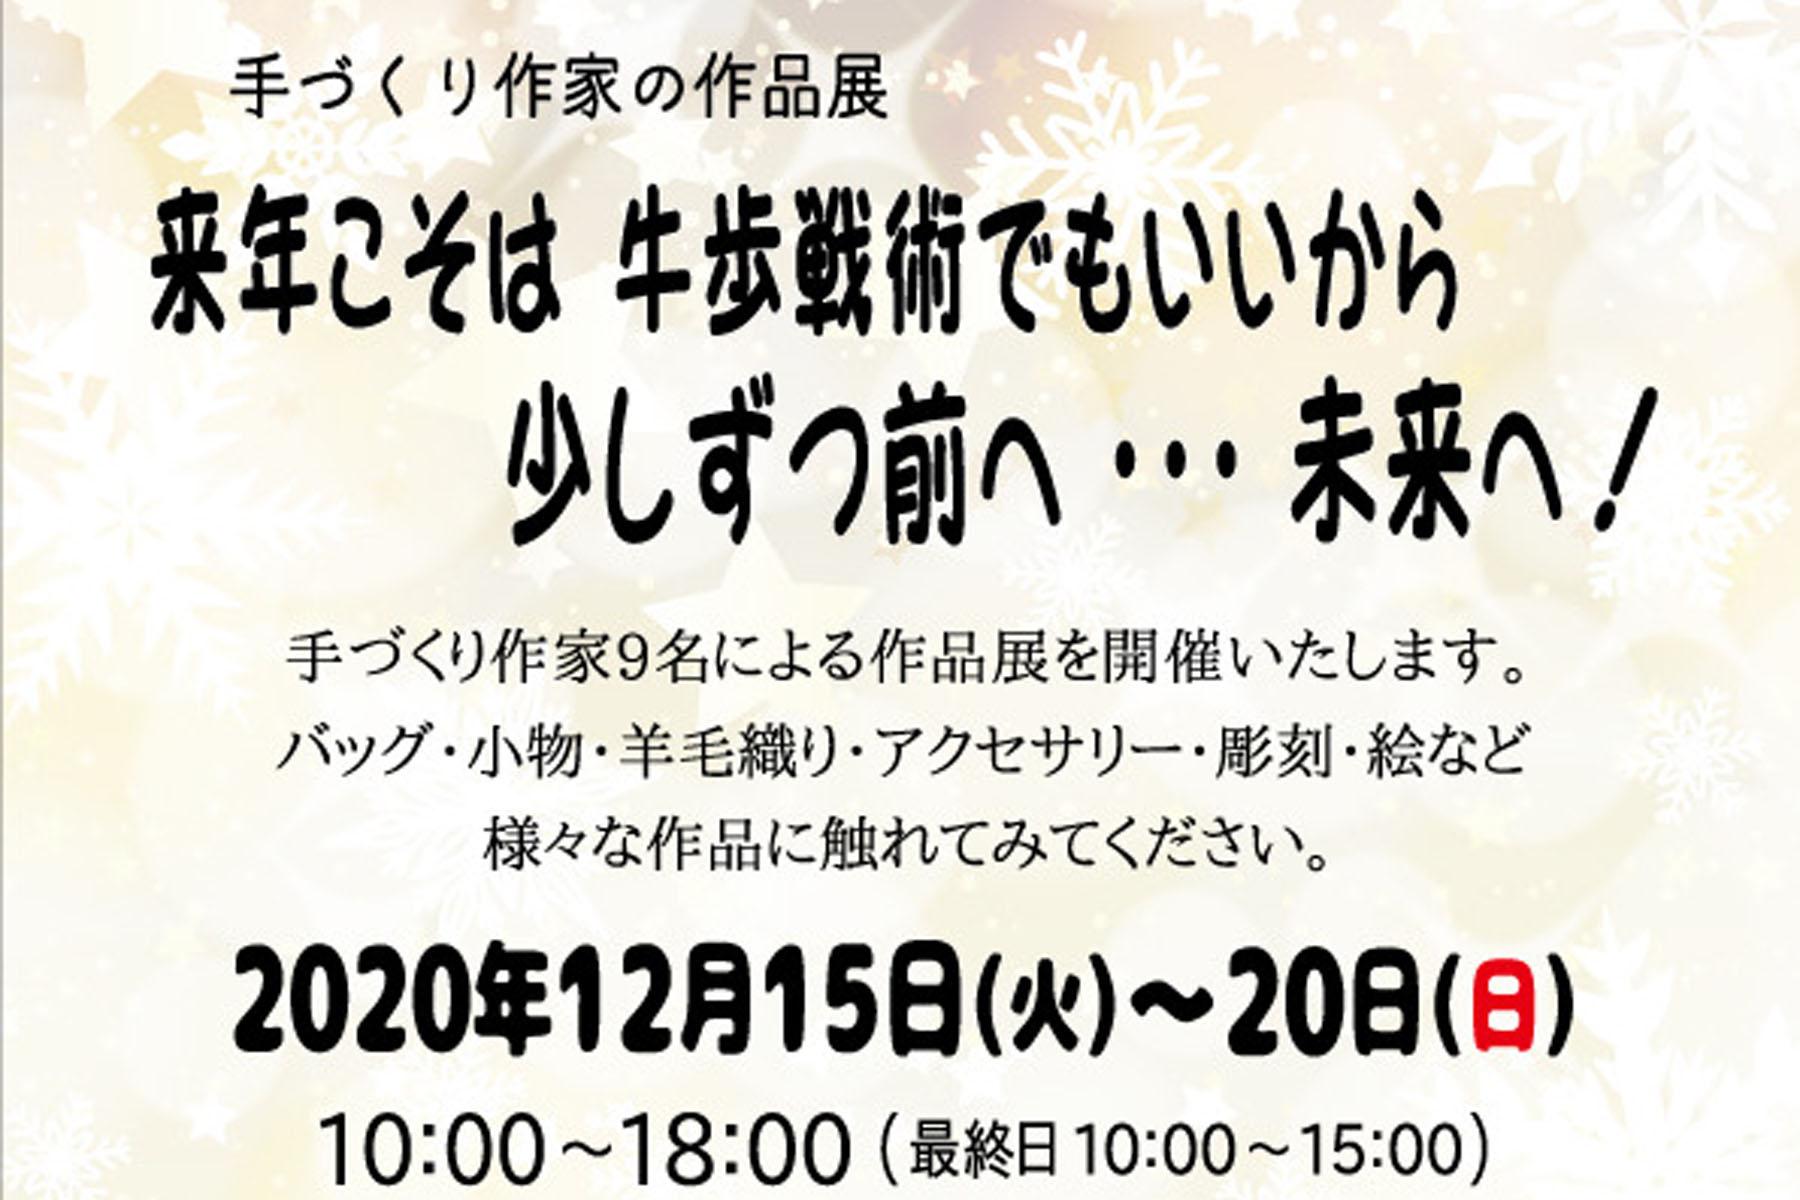 12月15日(火)~20日(日) 手づくり作家の作品展 in 宮崎県